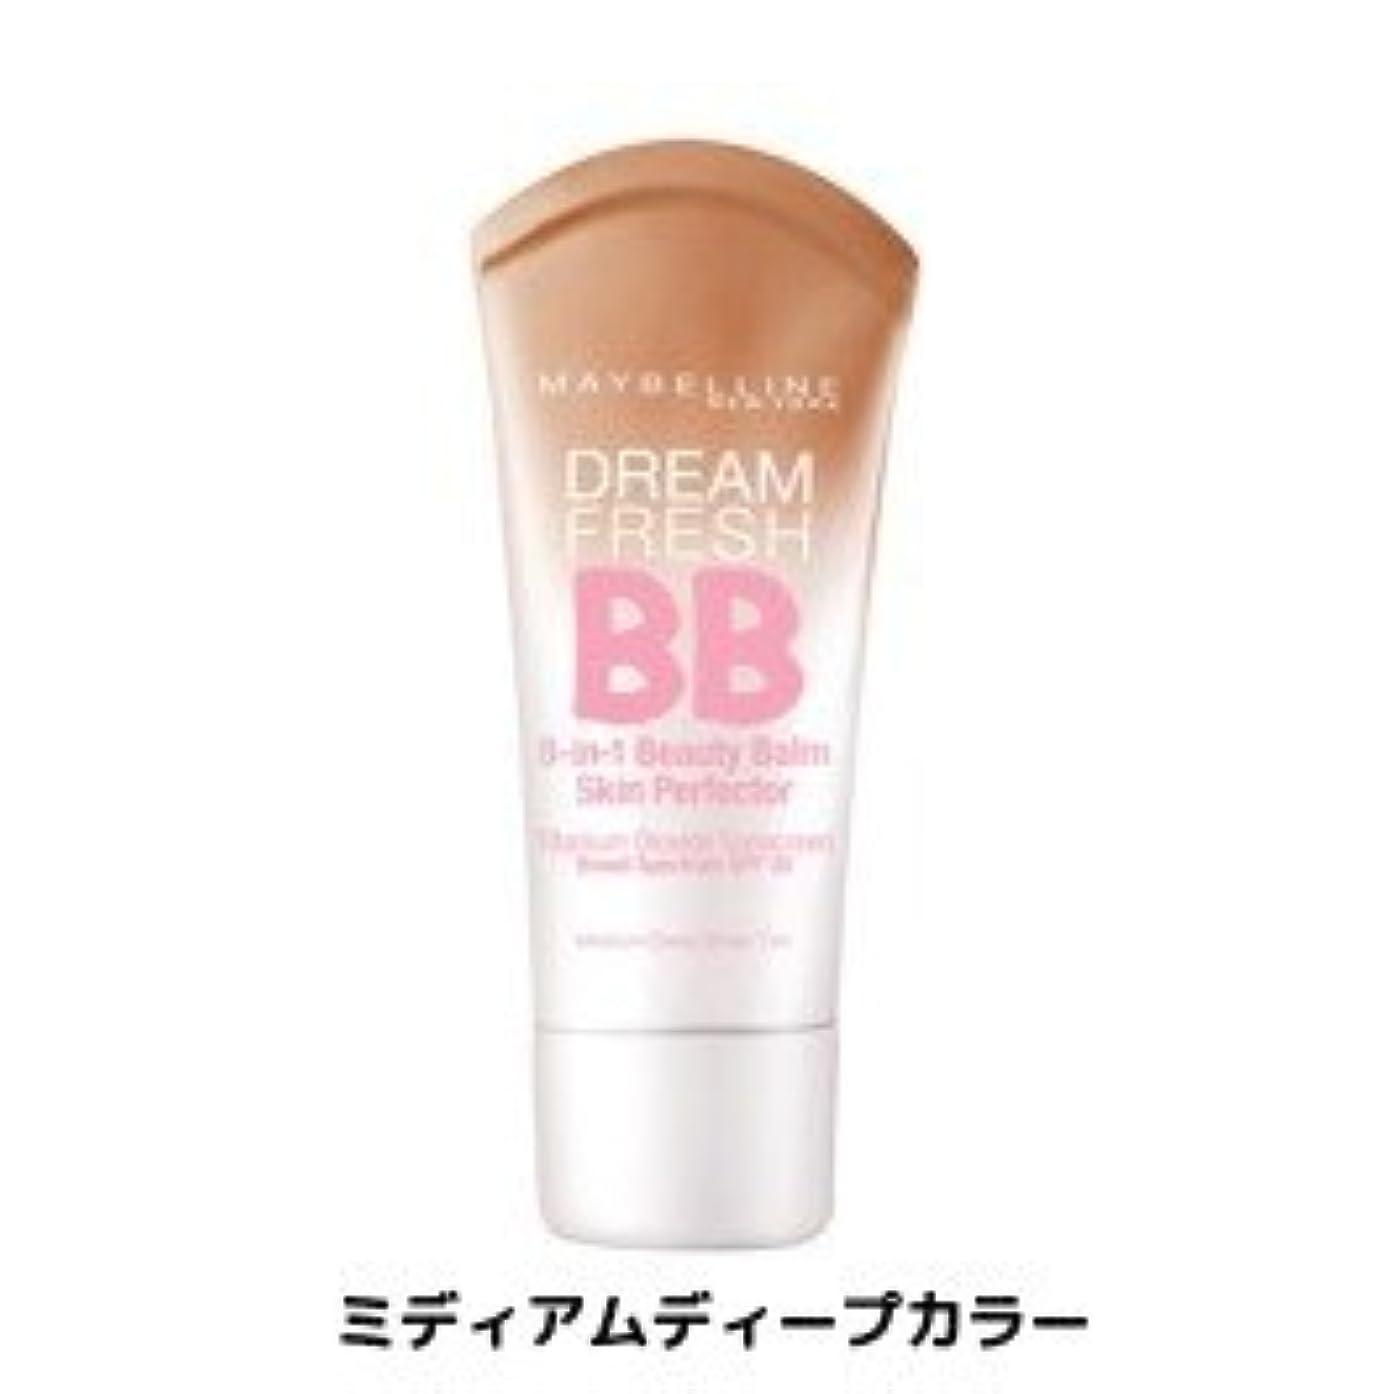 ボウル収益説明するメイベリン BBクリーム  SPF 30*Maybelline Dream Fresh BB Cream 30ml【平行輸入品】 (ミディアムディープカラー)